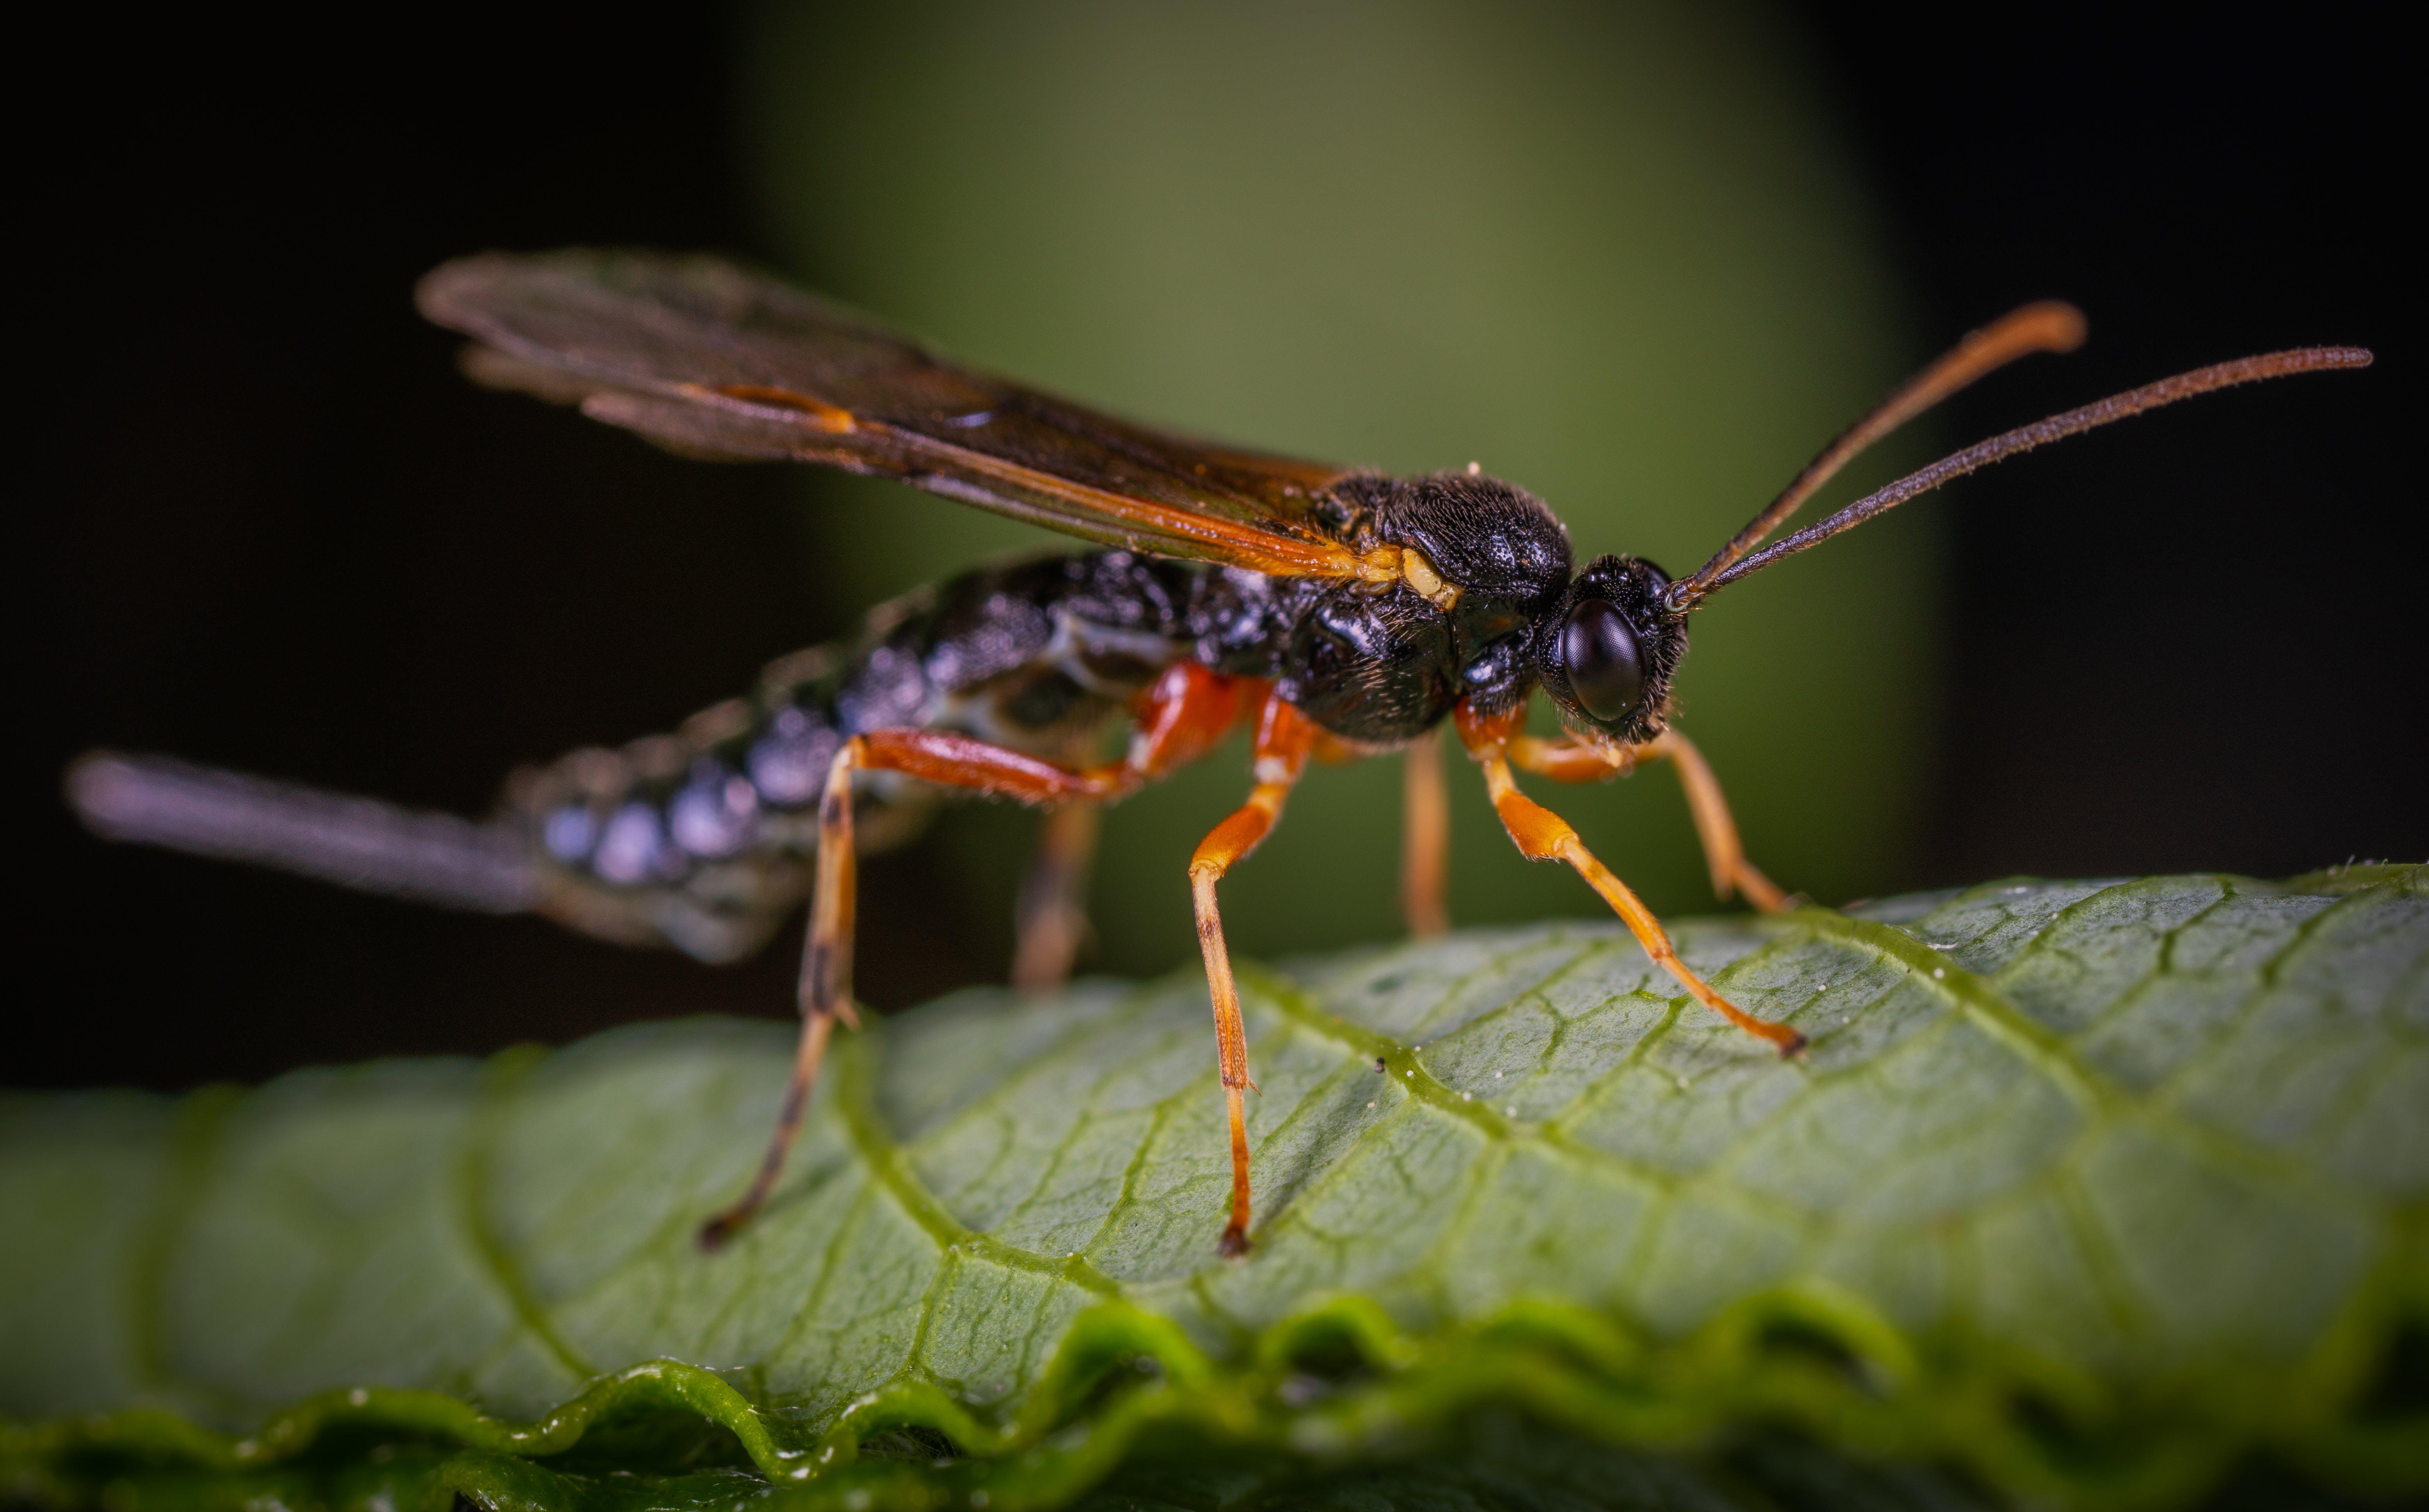 Gratis stockfoto met beest, bij, close-up, dieren in het wild